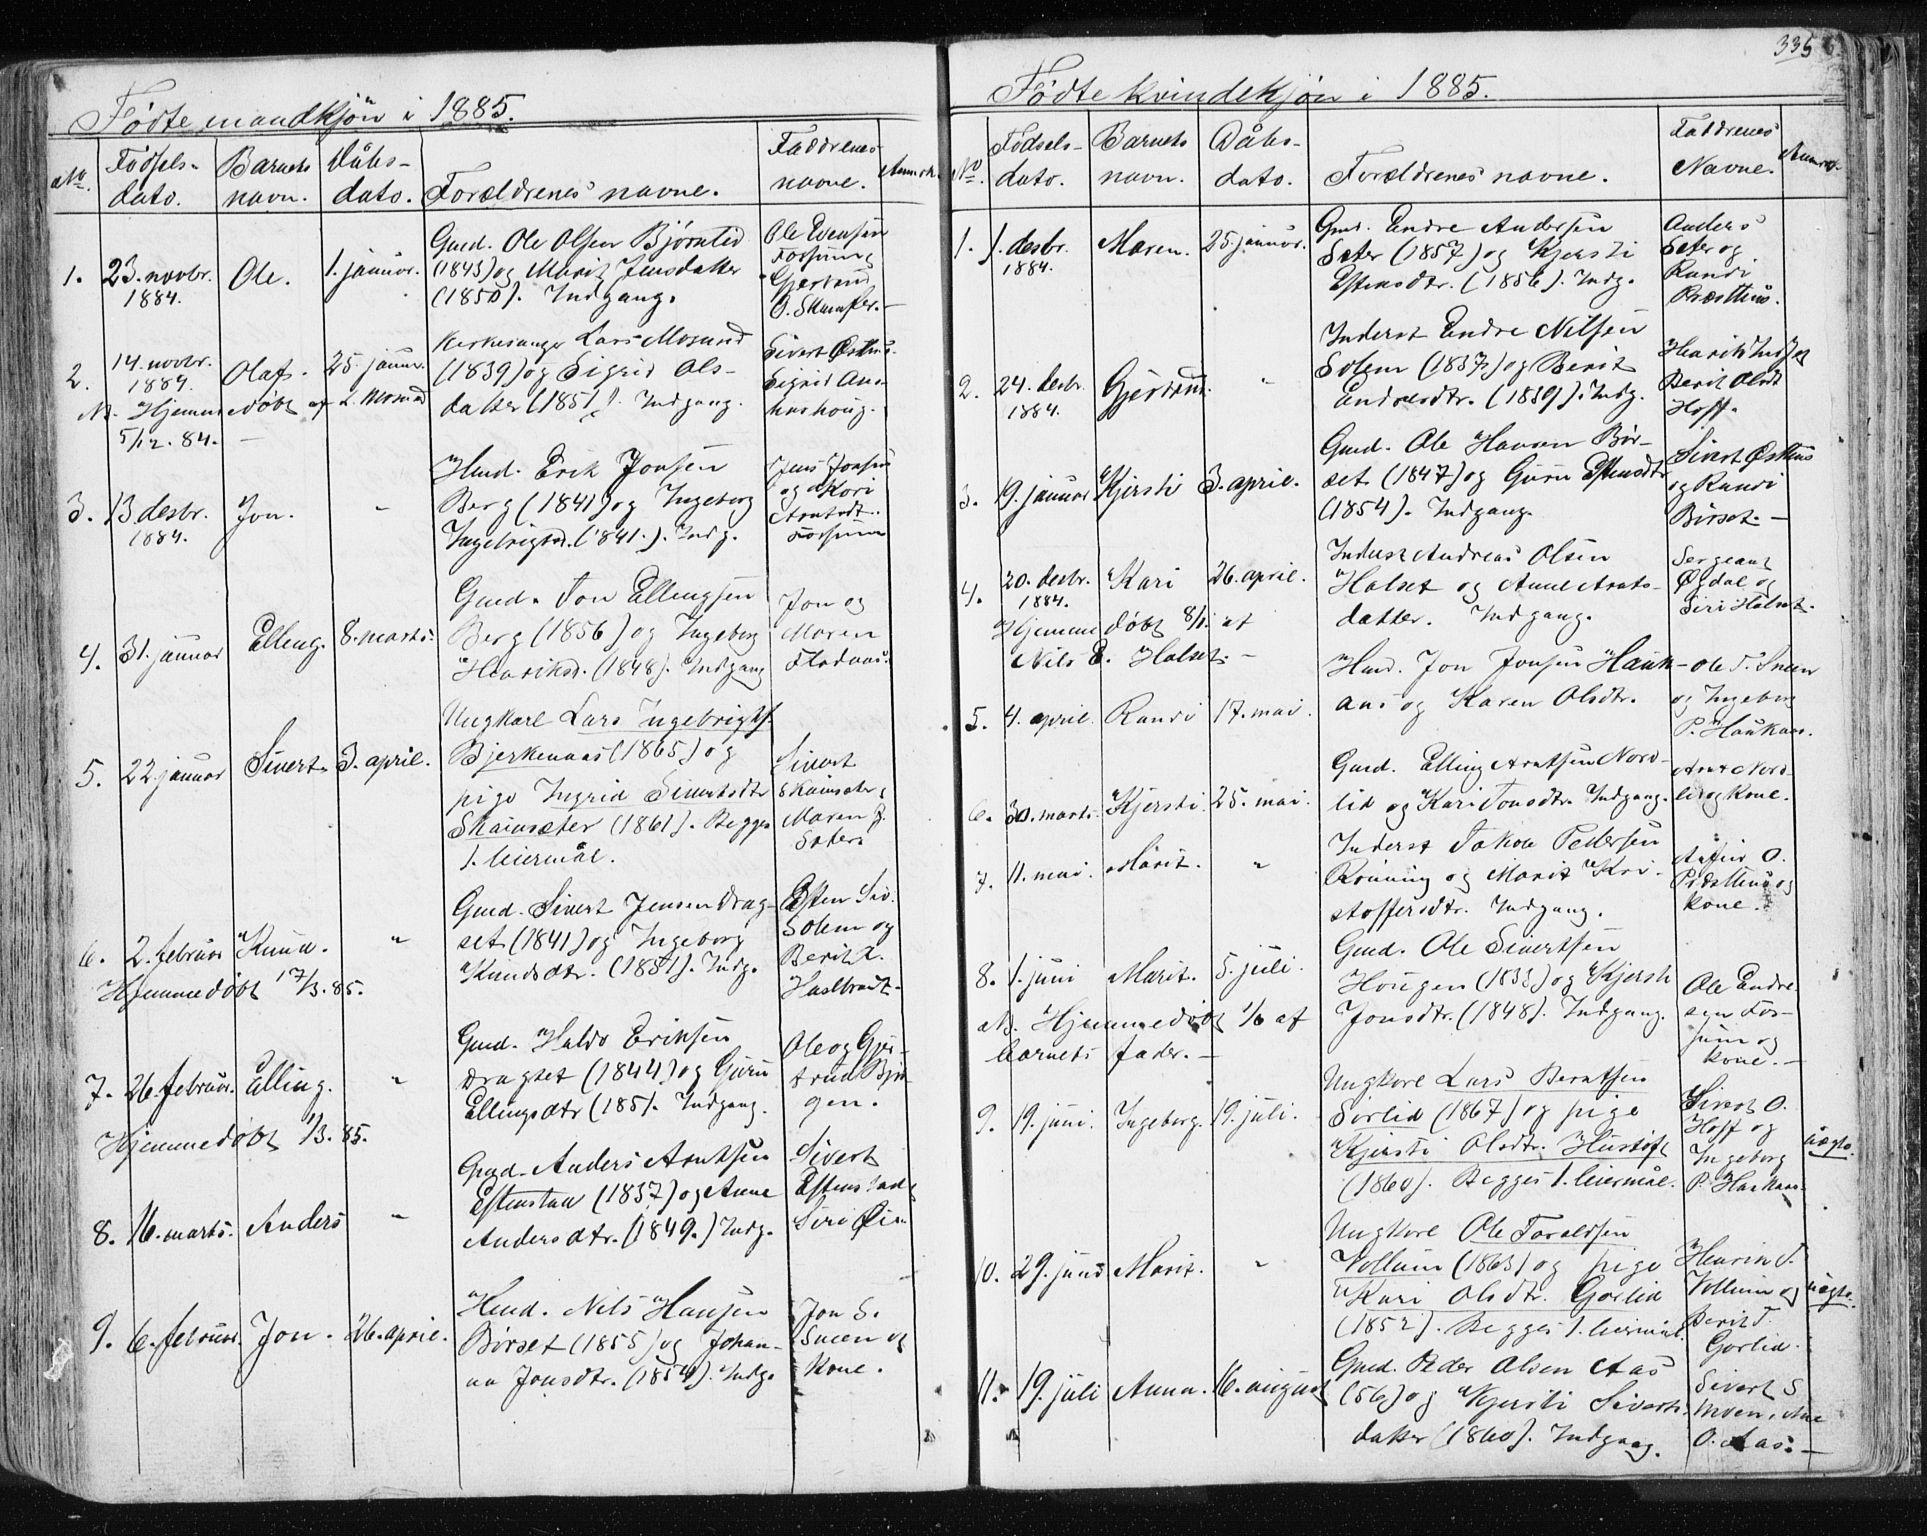 SAT, Ministerialprotokoller, klokkerbøker og fødselsregistre - Sør-Trøndelag, 689/L1043: Klokkerbok nr. 689C02, 1816-1892, s. 335